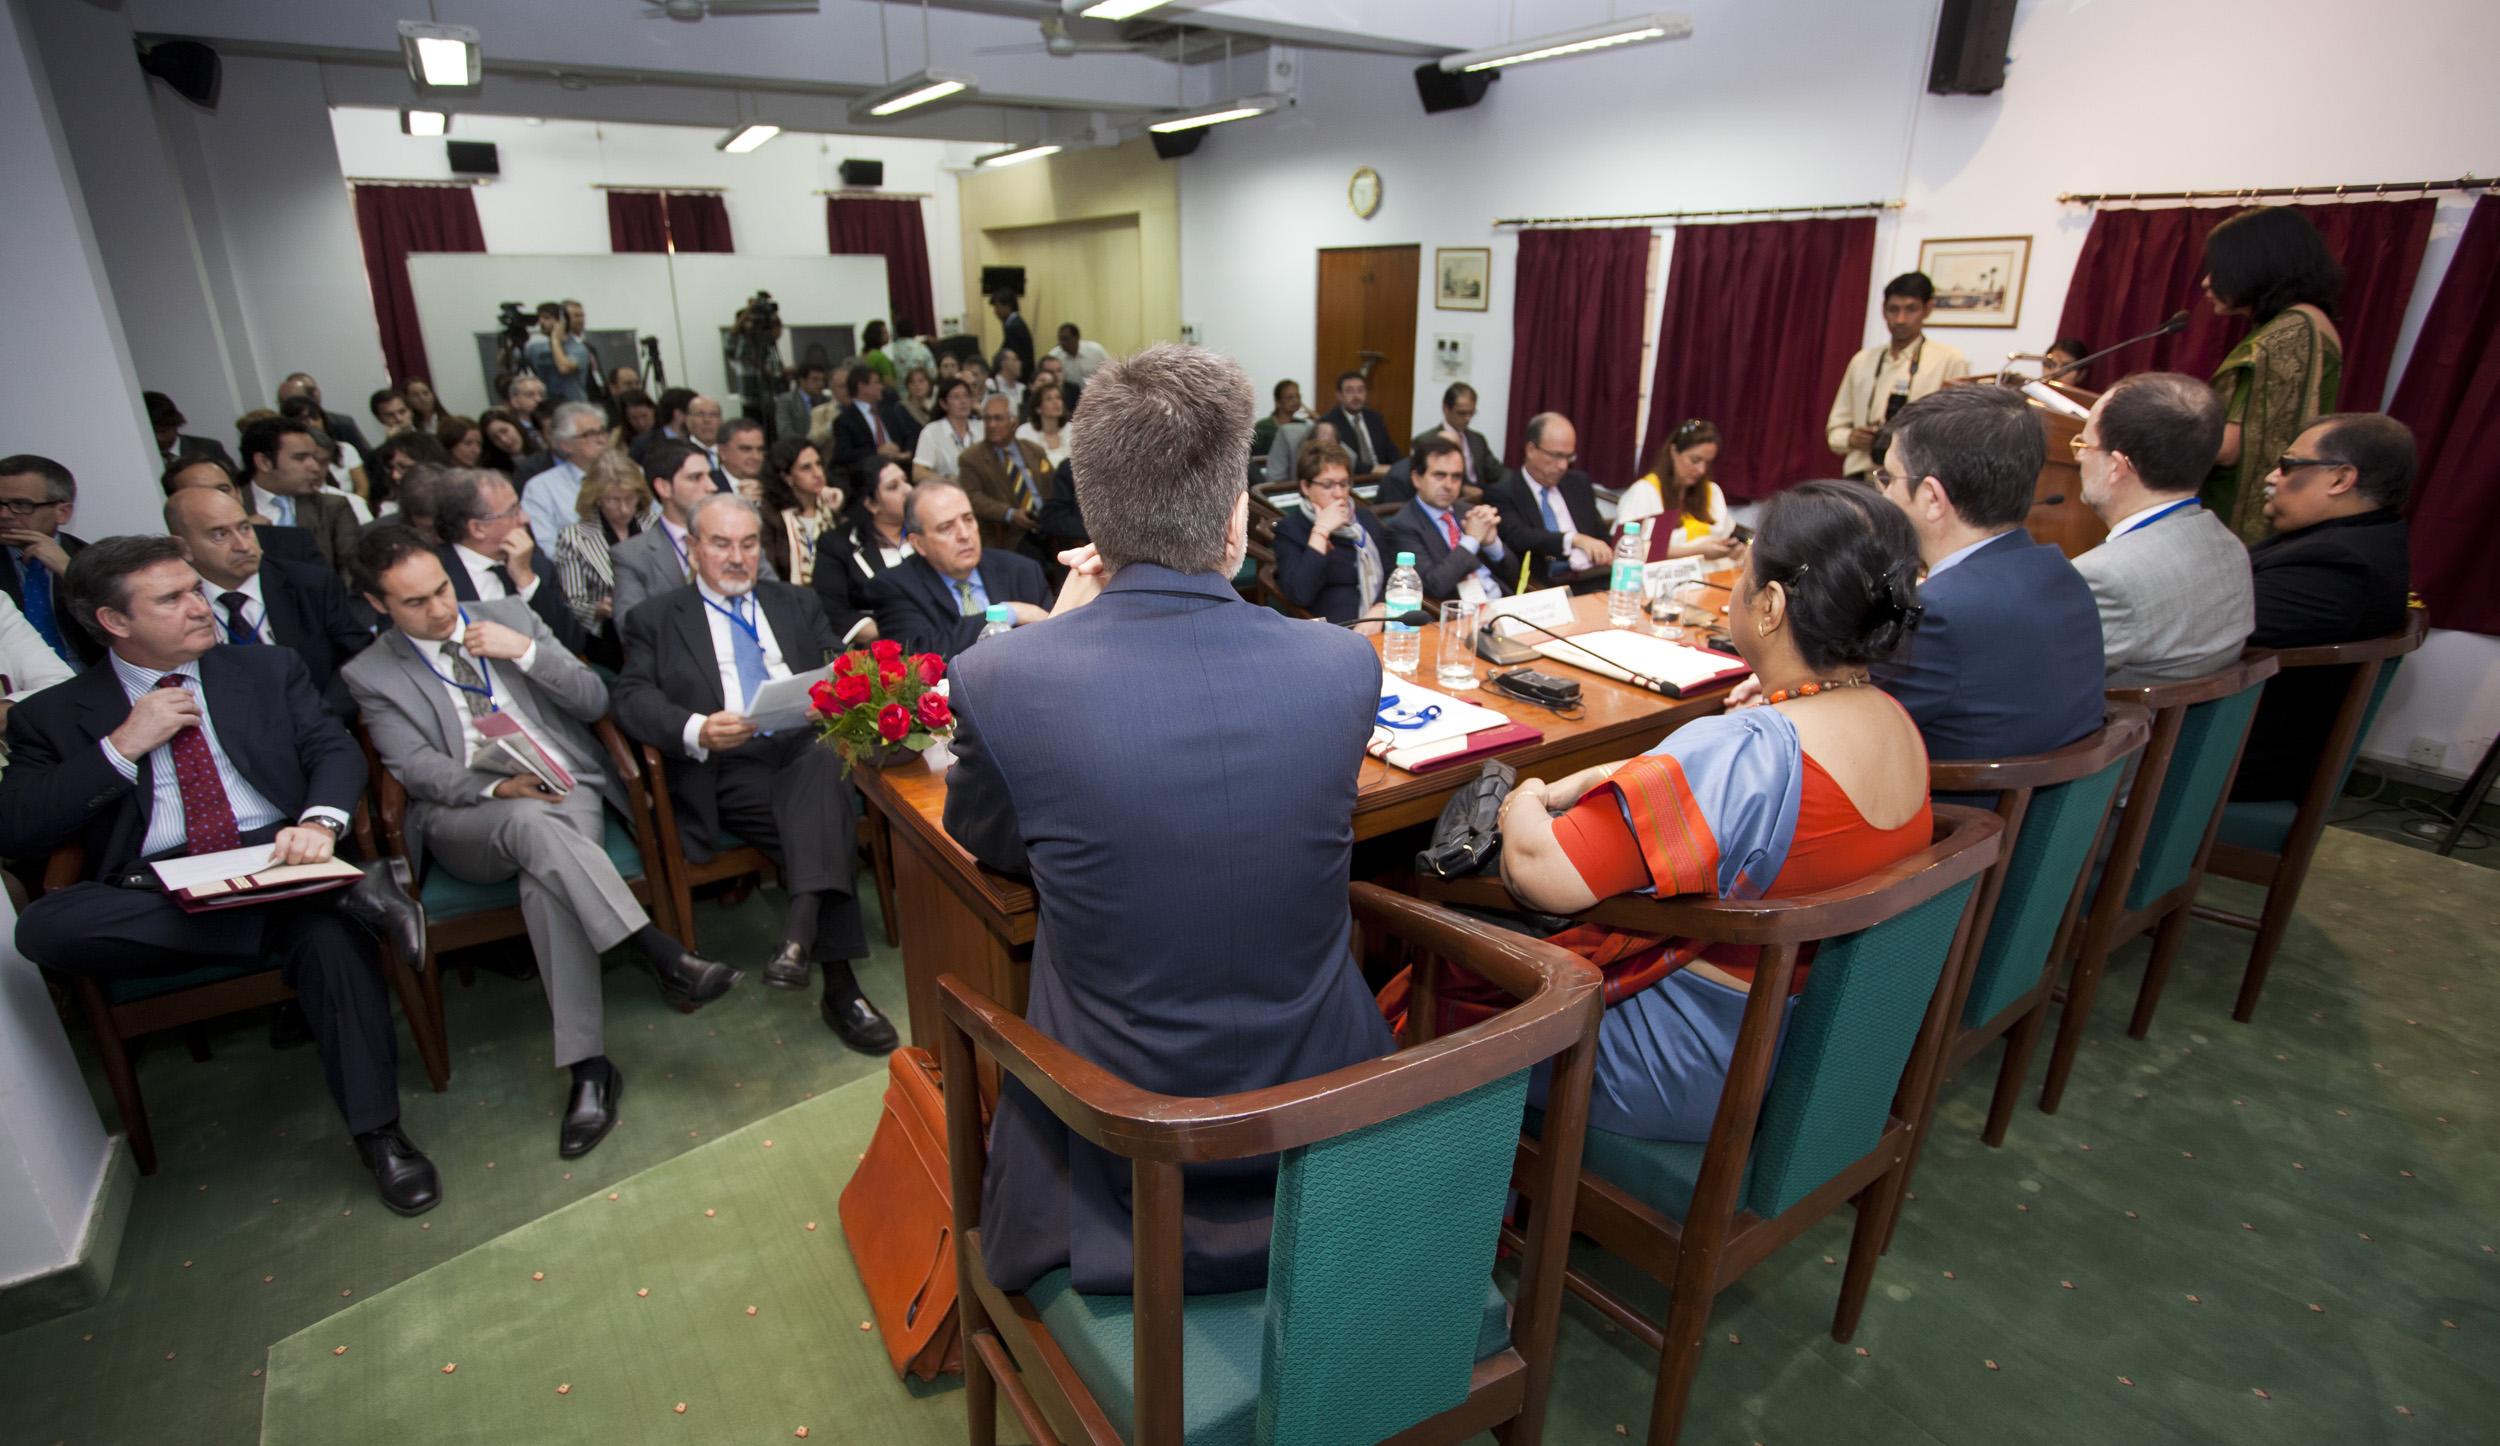 2012_03_21_tribuna_india_espana2.jpg